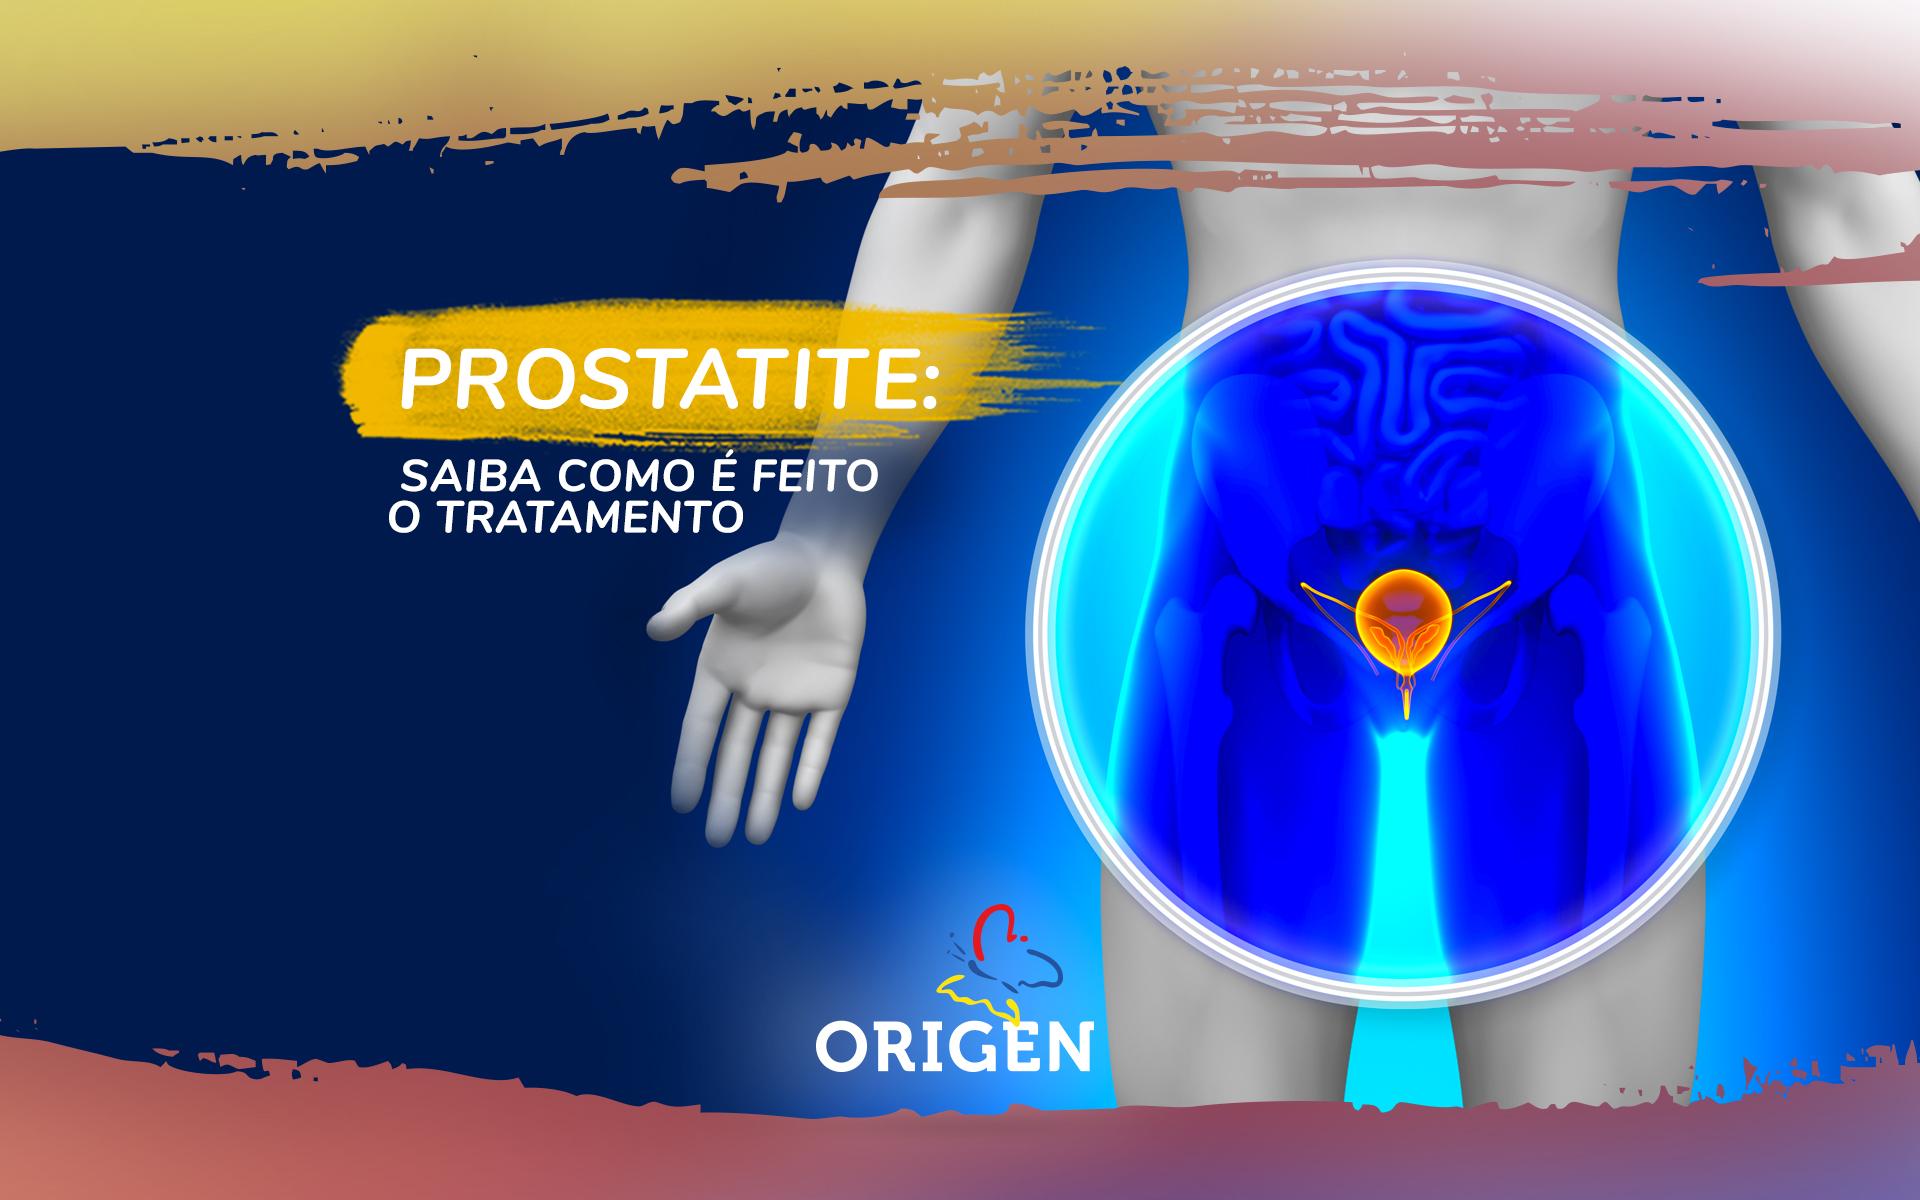 Prostatite: saiba como é feito o tratamento